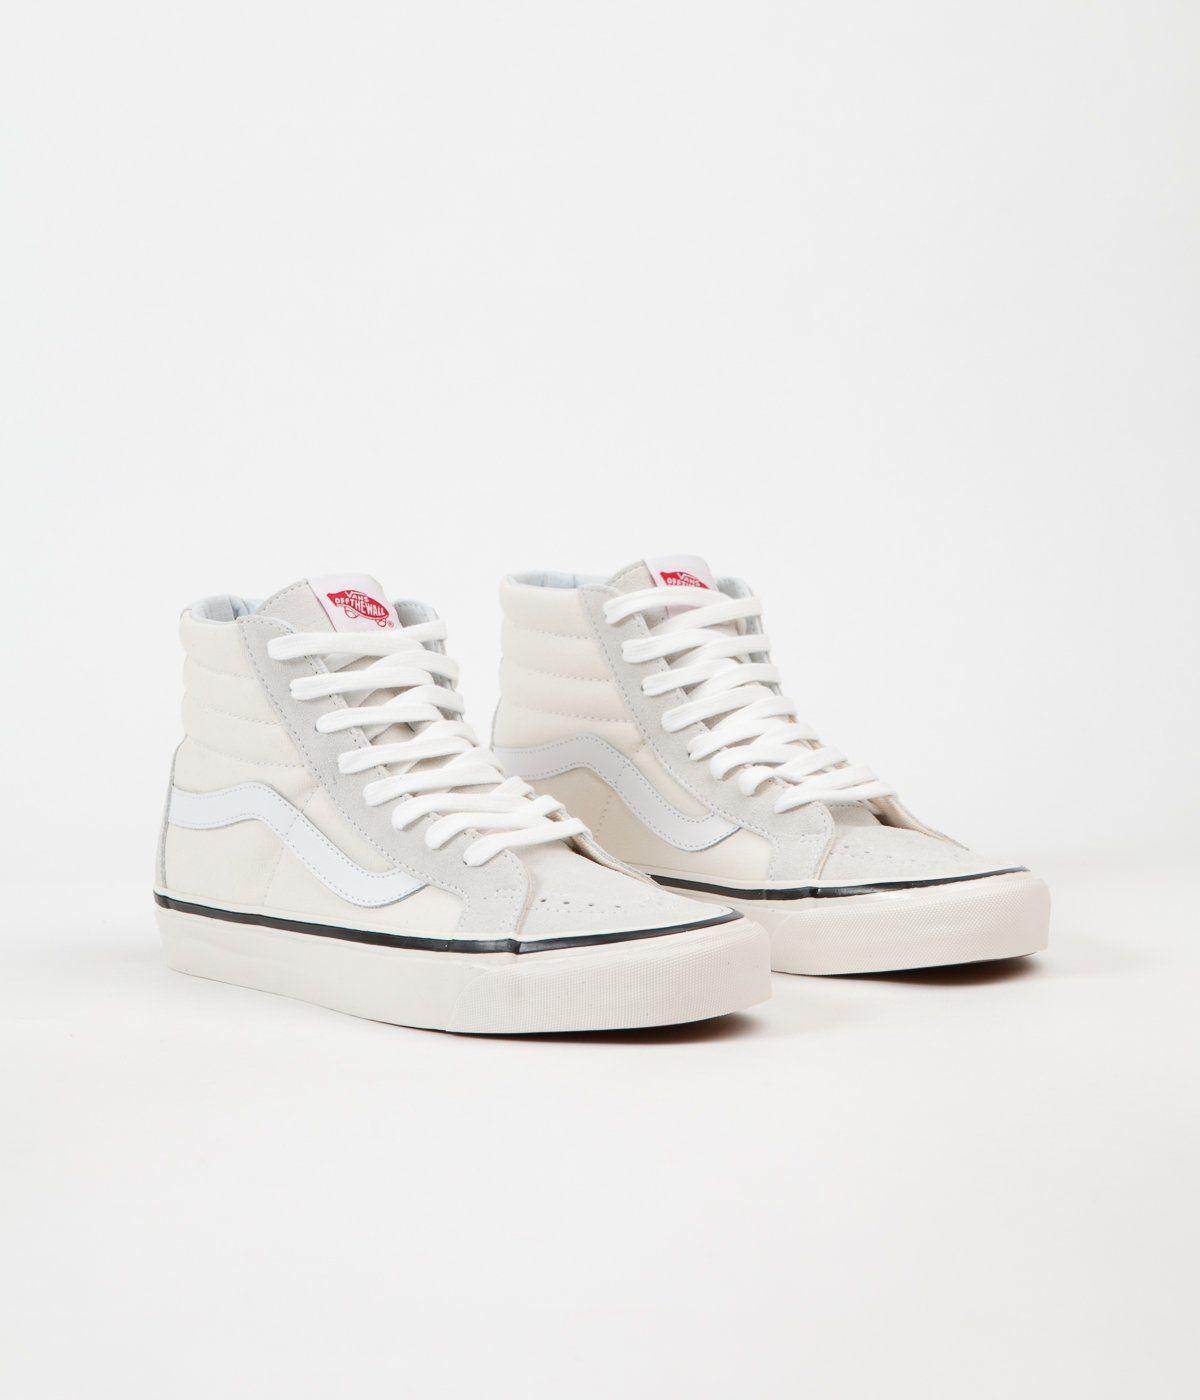 Vans Sk8-Hi 38 DX Anaheim Factory Shoes - OG White | High ...